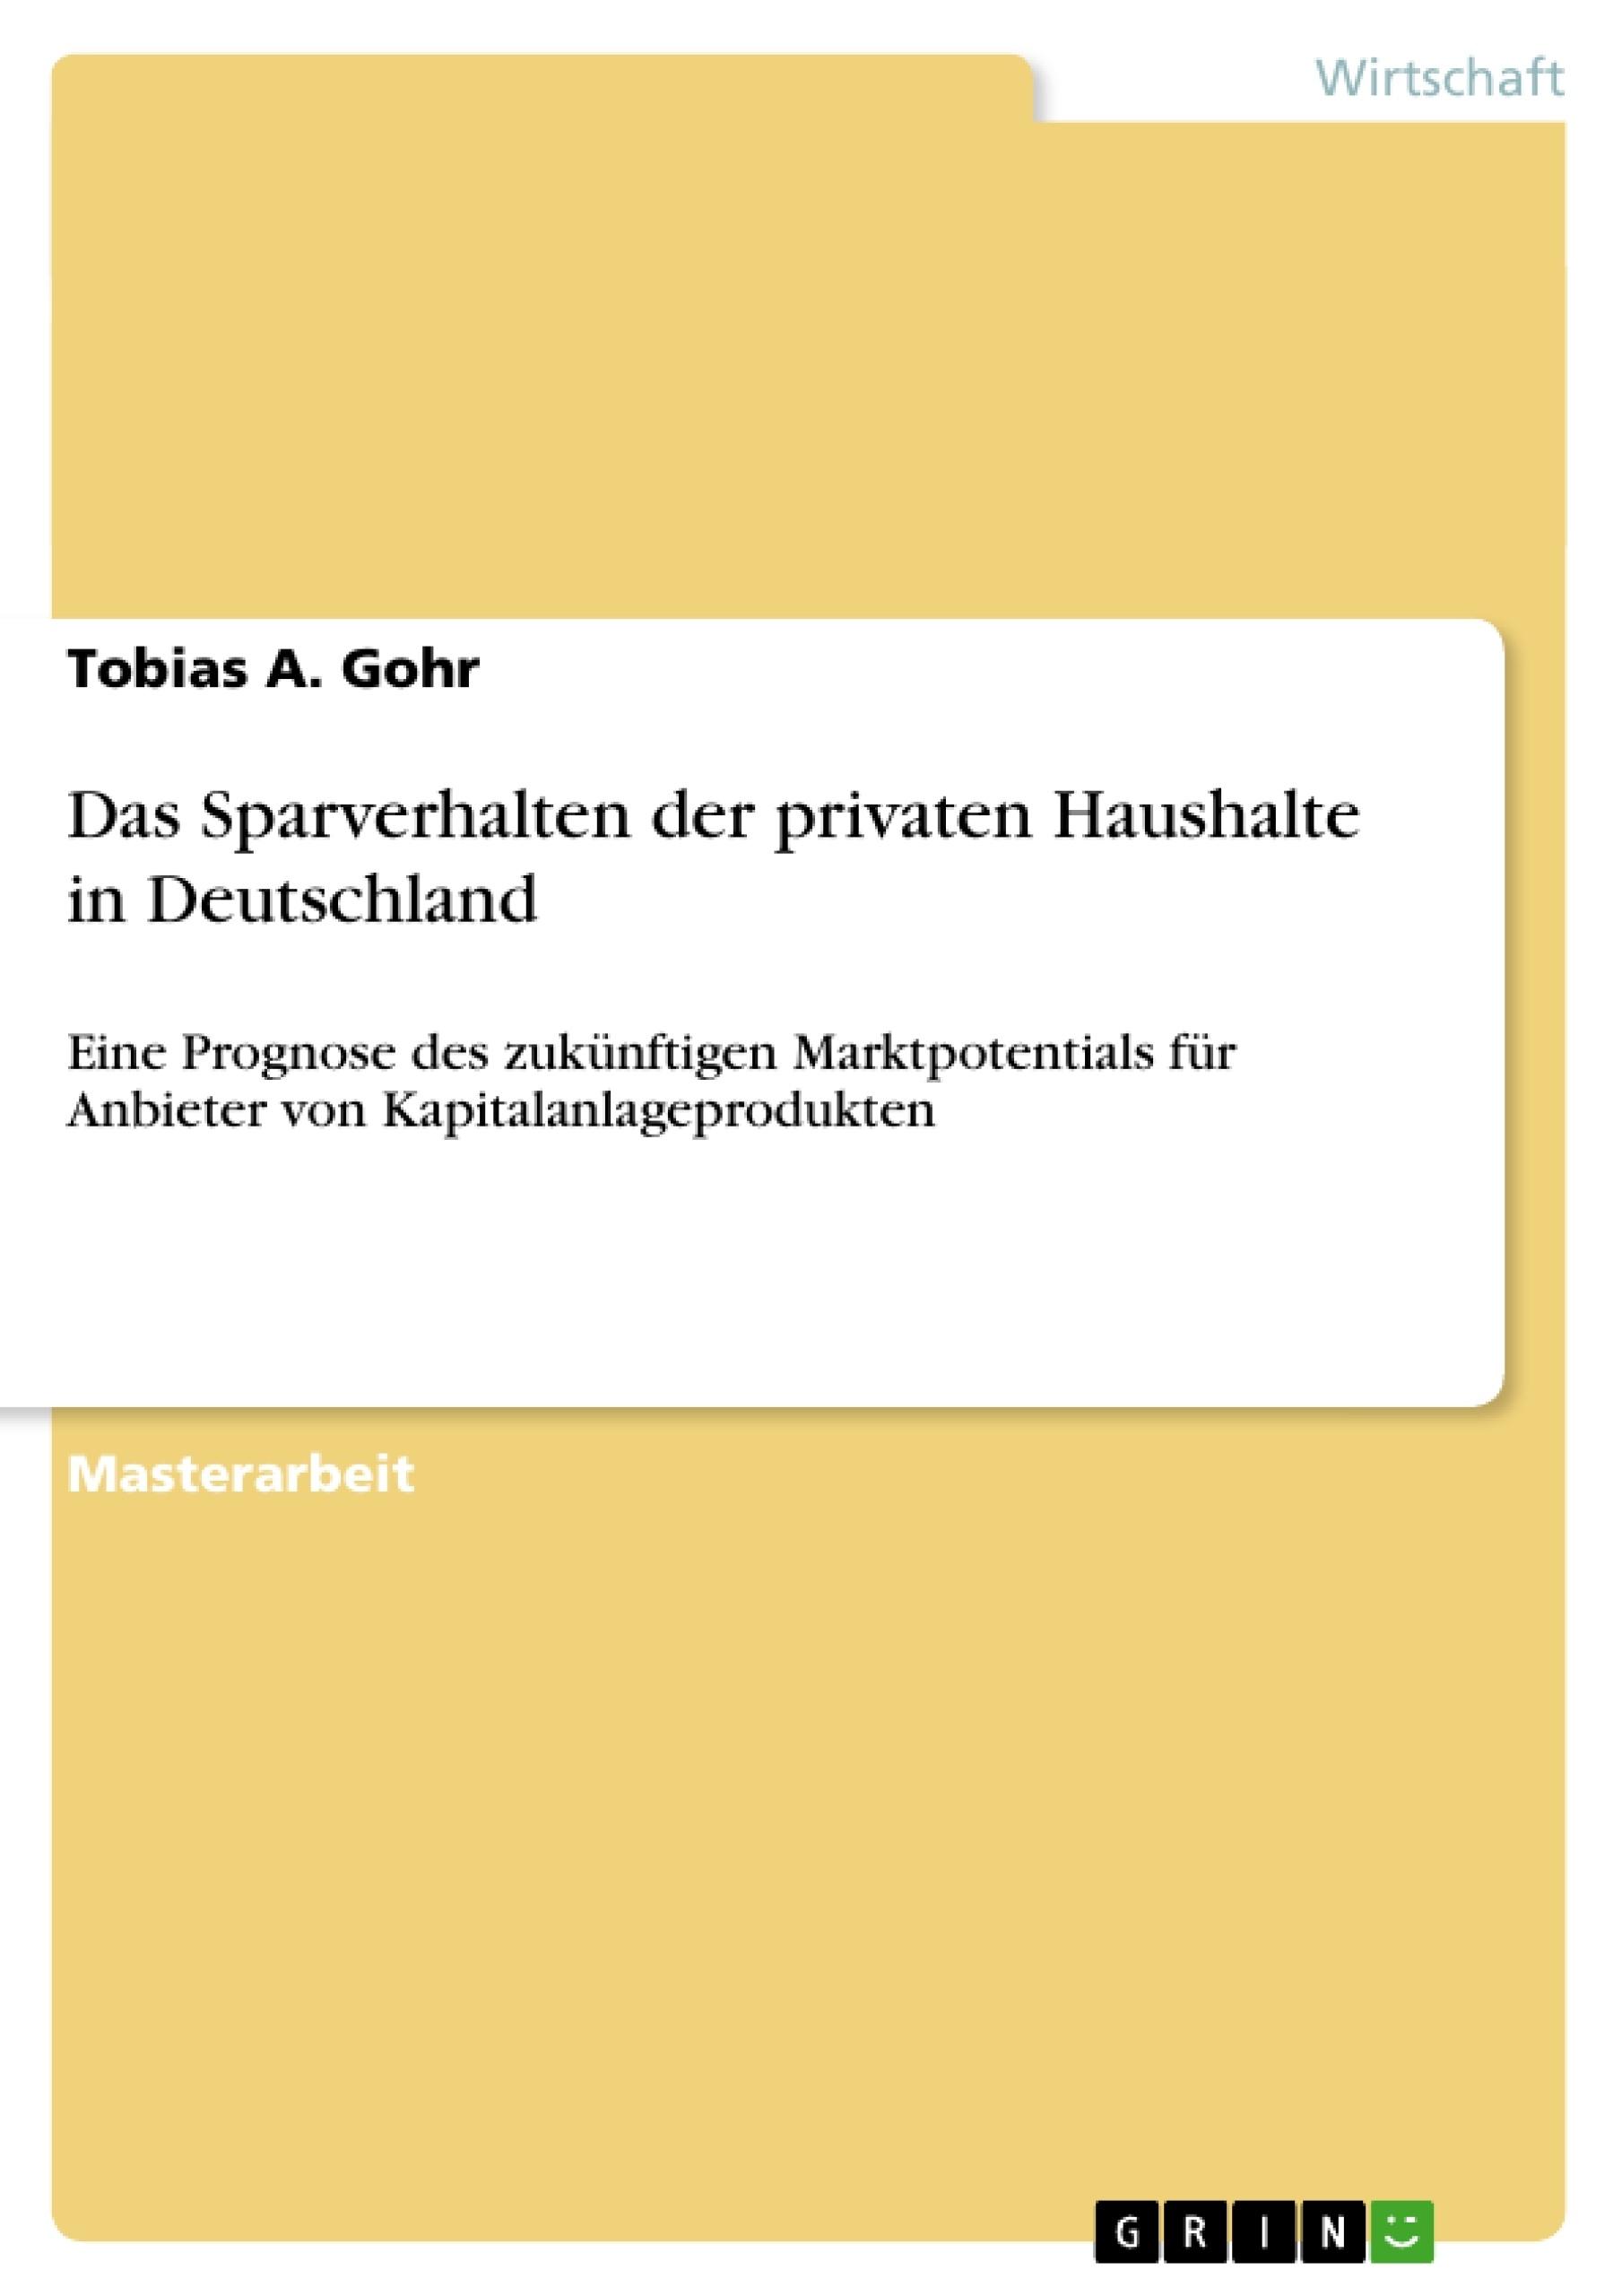 Titel: Das Sparverhalten der privaten Haushalte in Deutschland